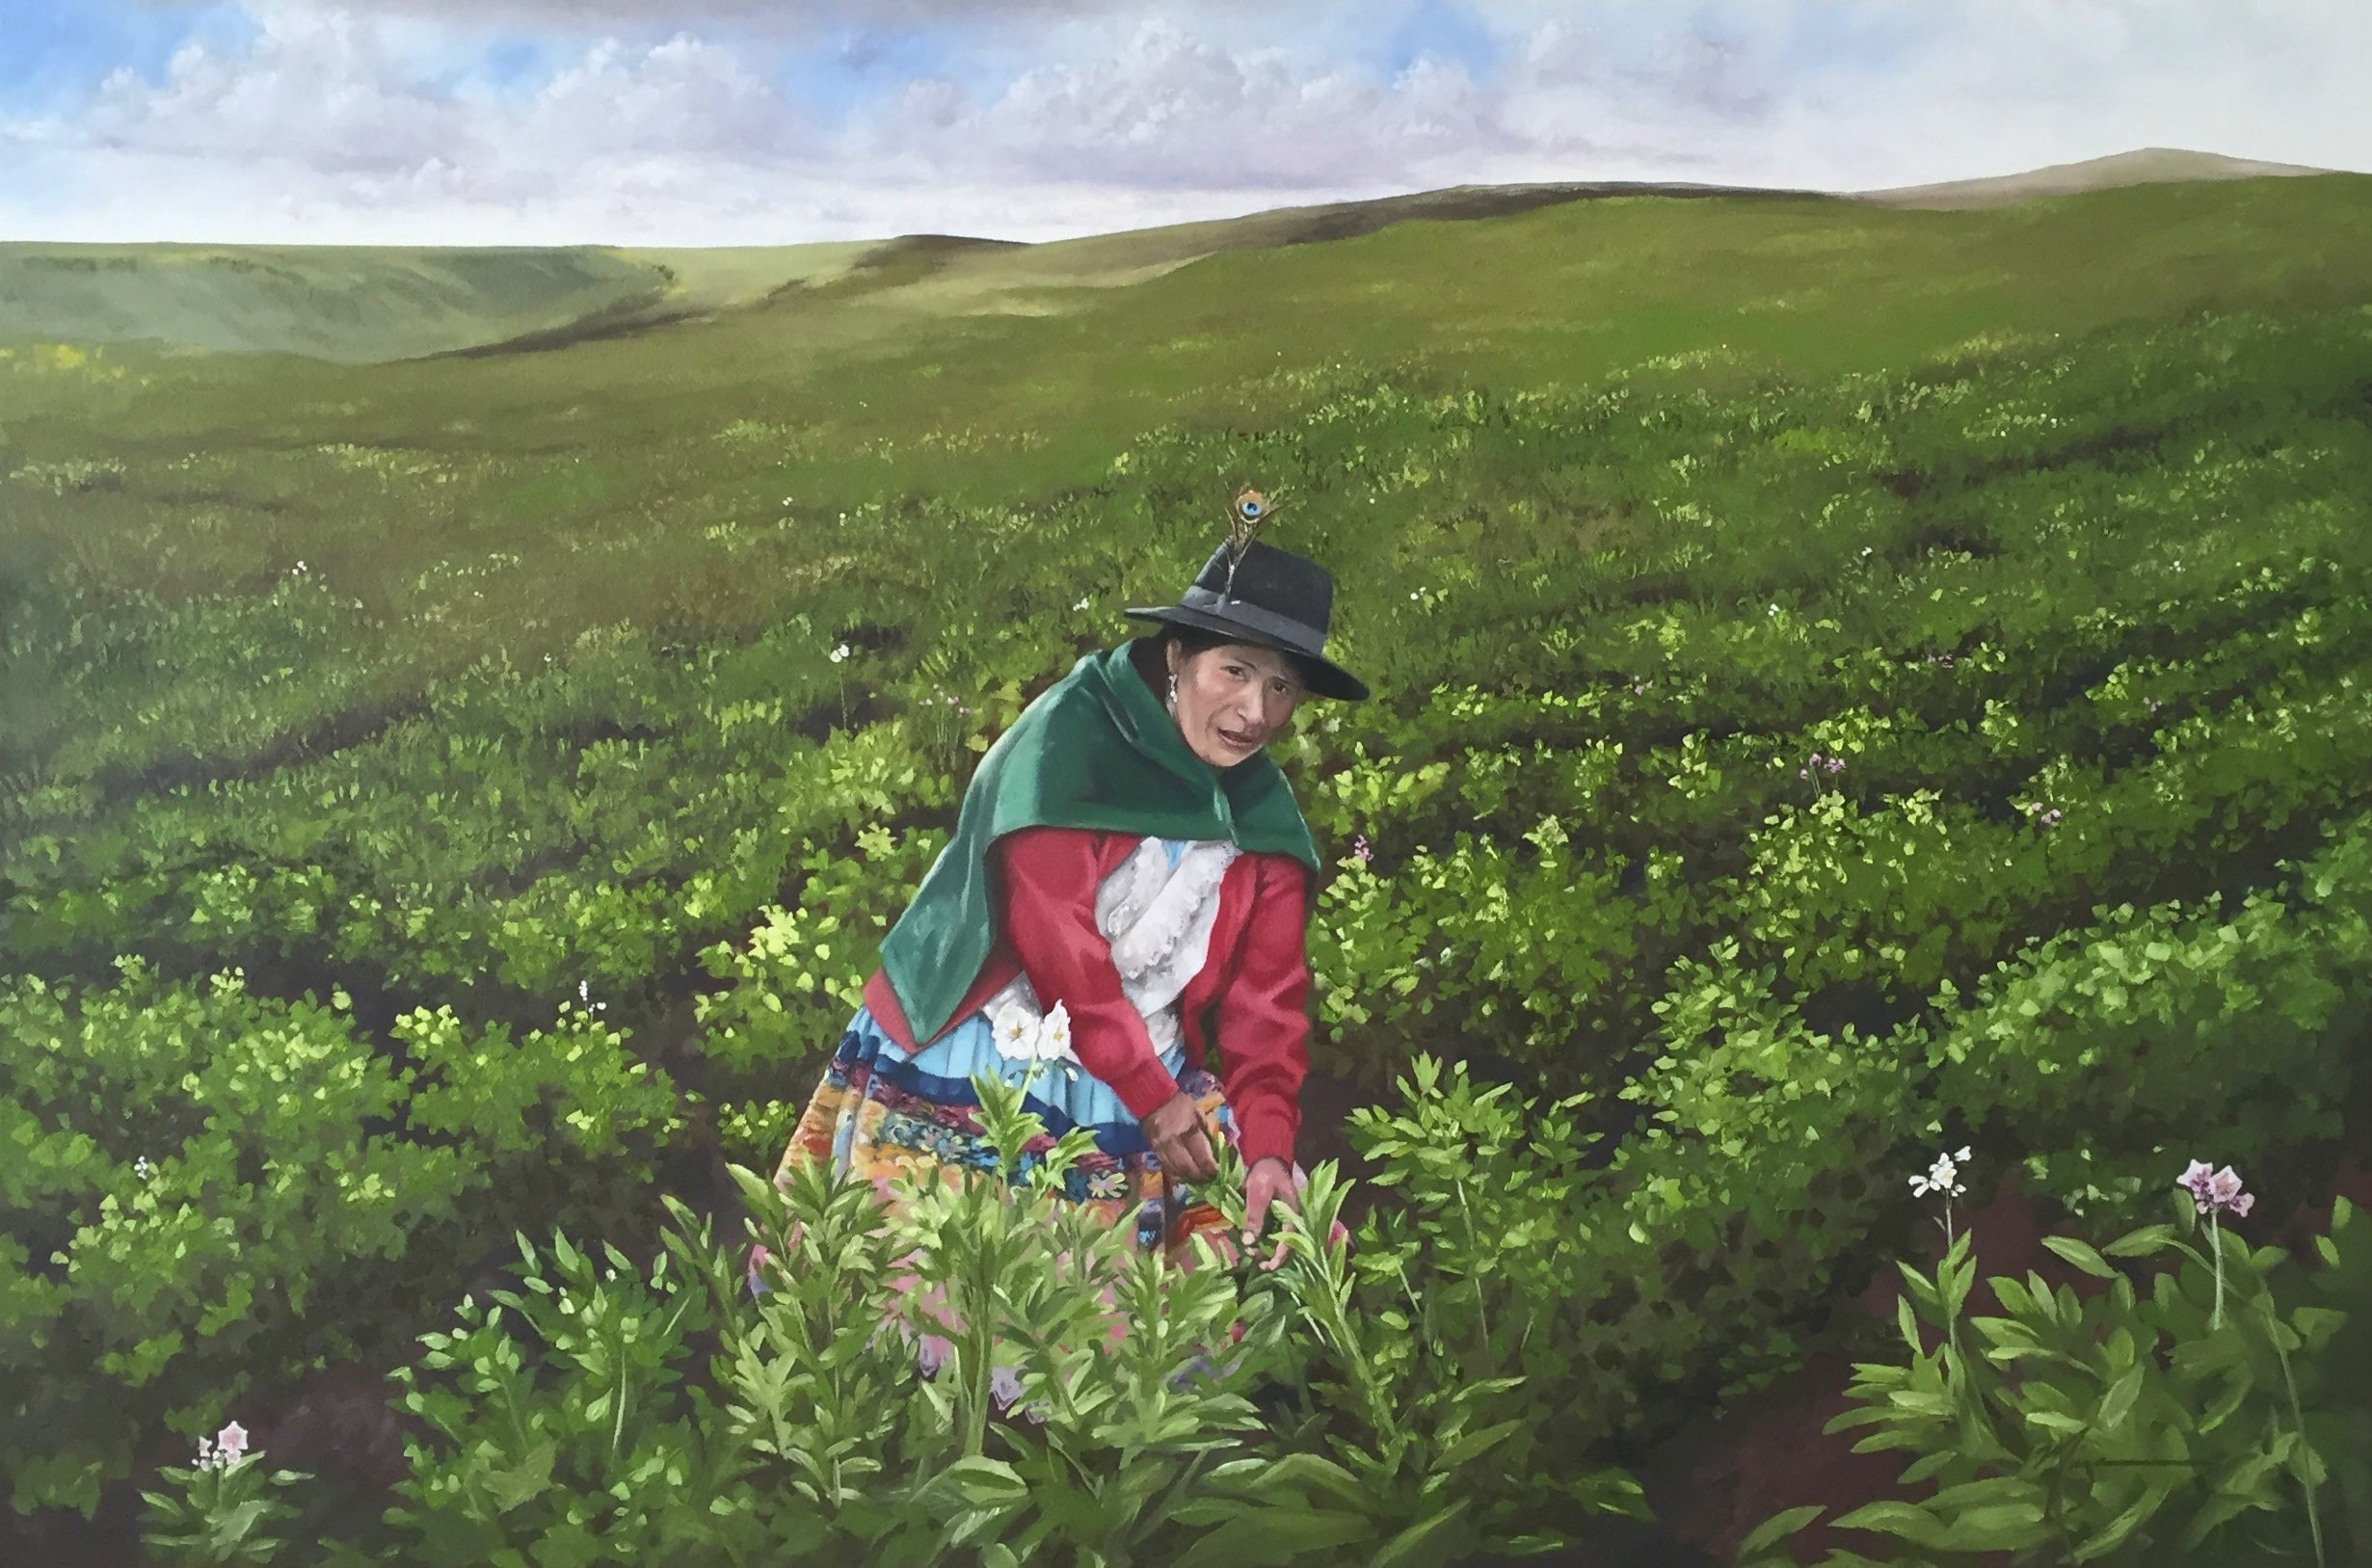 The Quechua